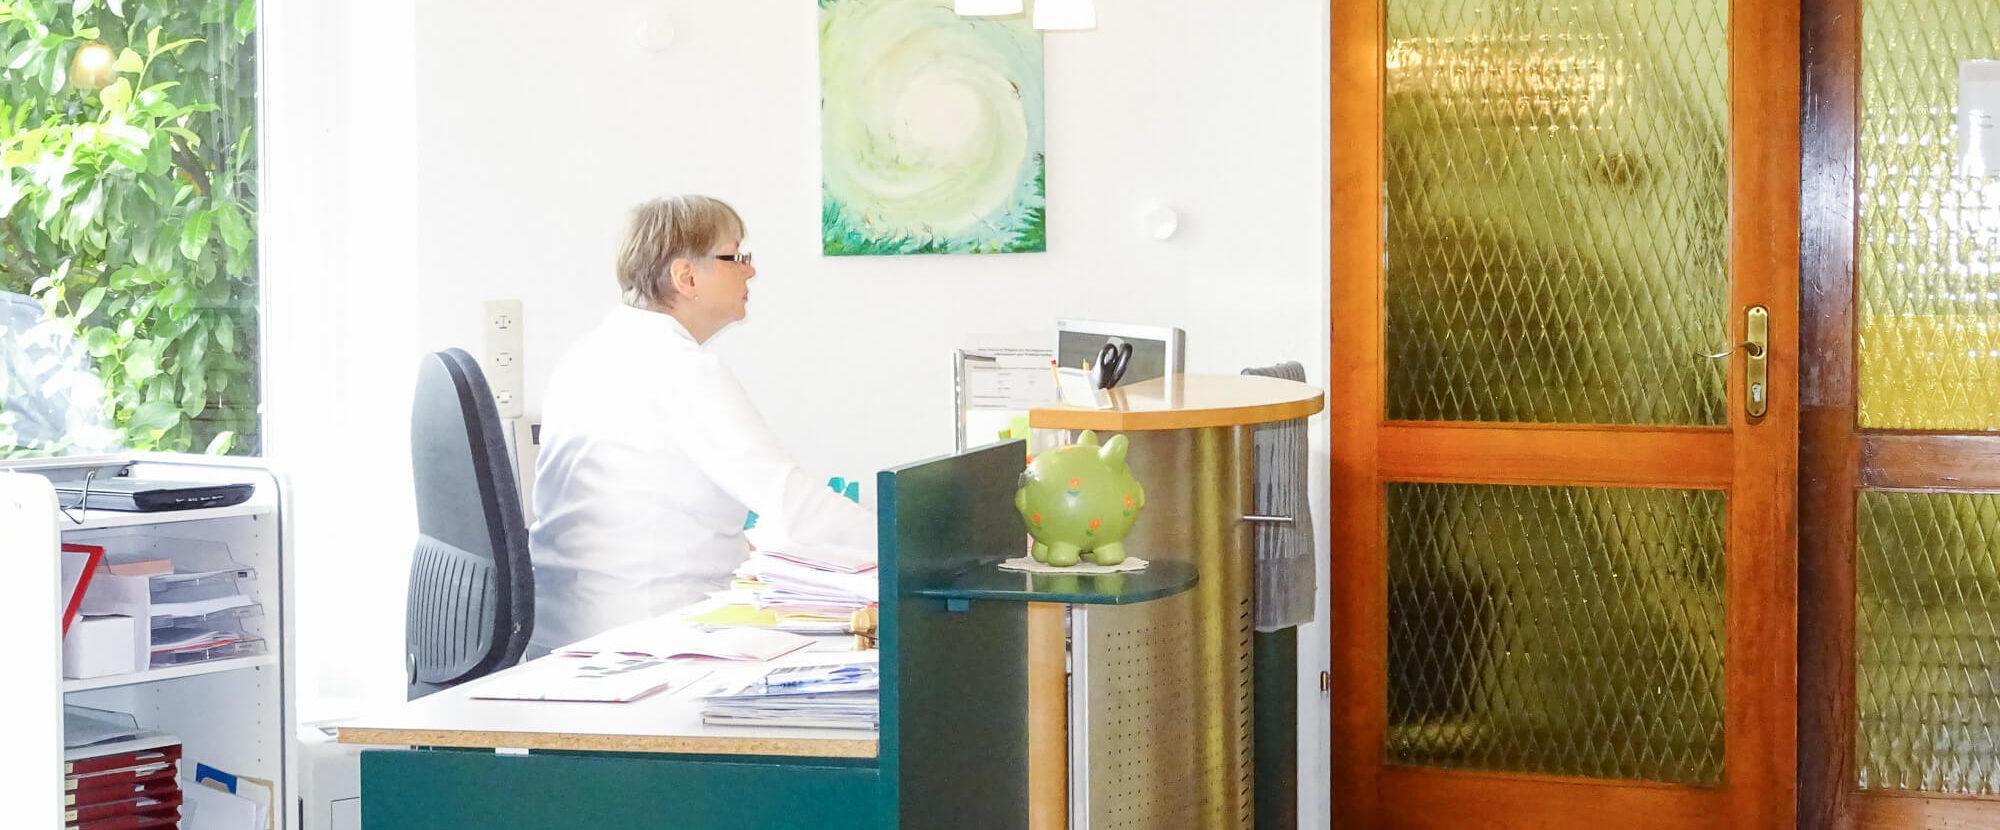 Zahnarztpraxis Kup in Bendorf - Empfang